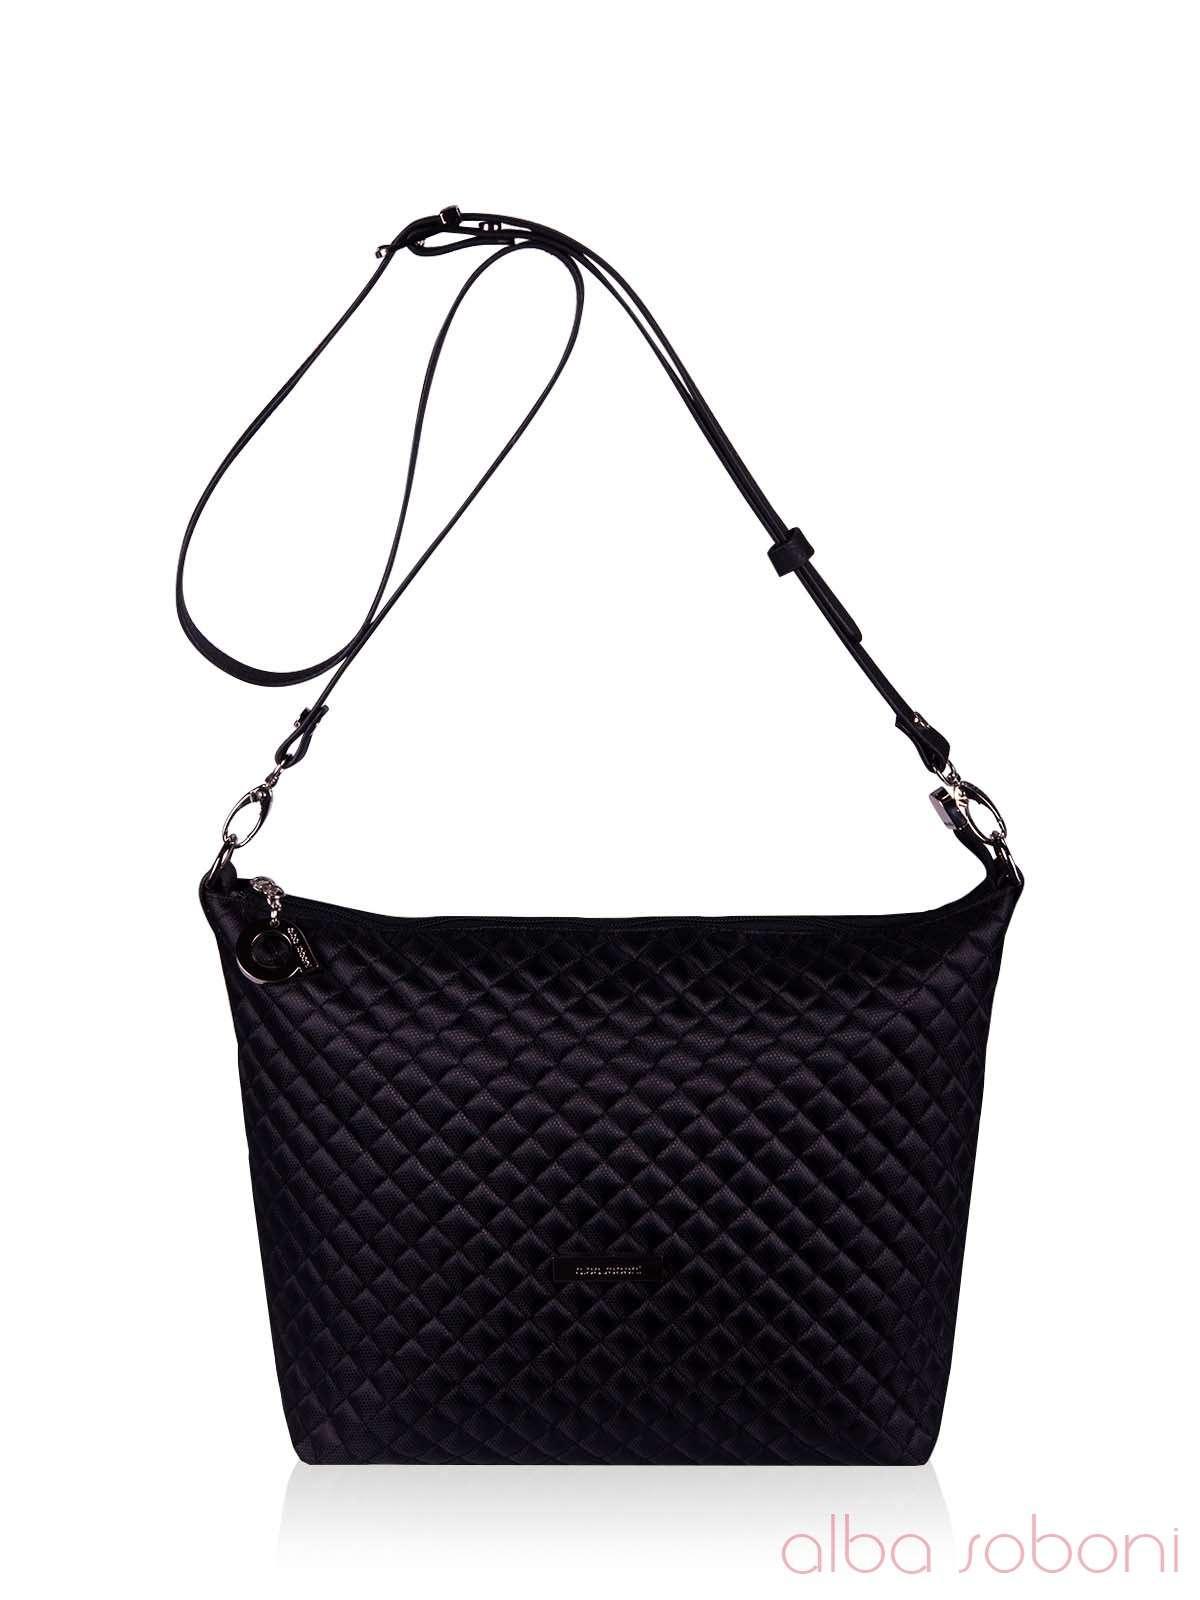 61c59caf081c Распродажа! Женская сумка, модель 152327 черный, купить в интернет-магазине alba  soboni.